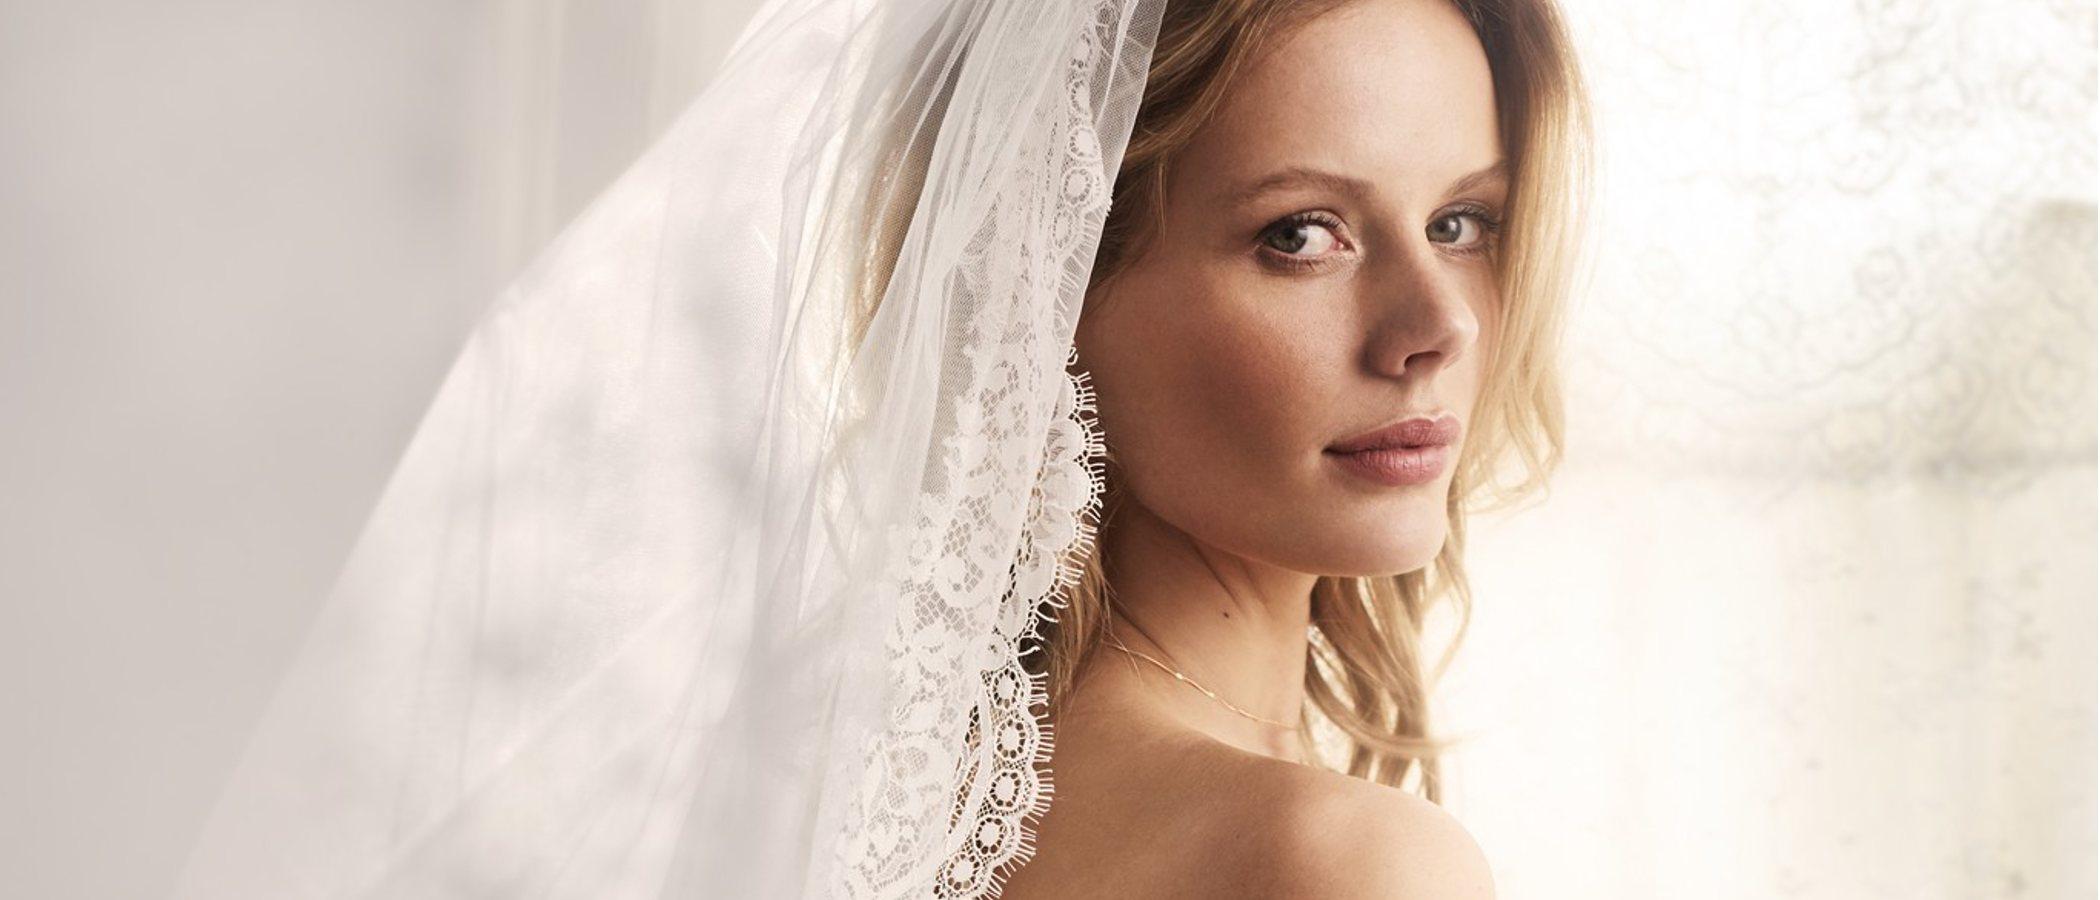 Hunkemöller lanza su nueva colección de ropa interior para la noche de bodas